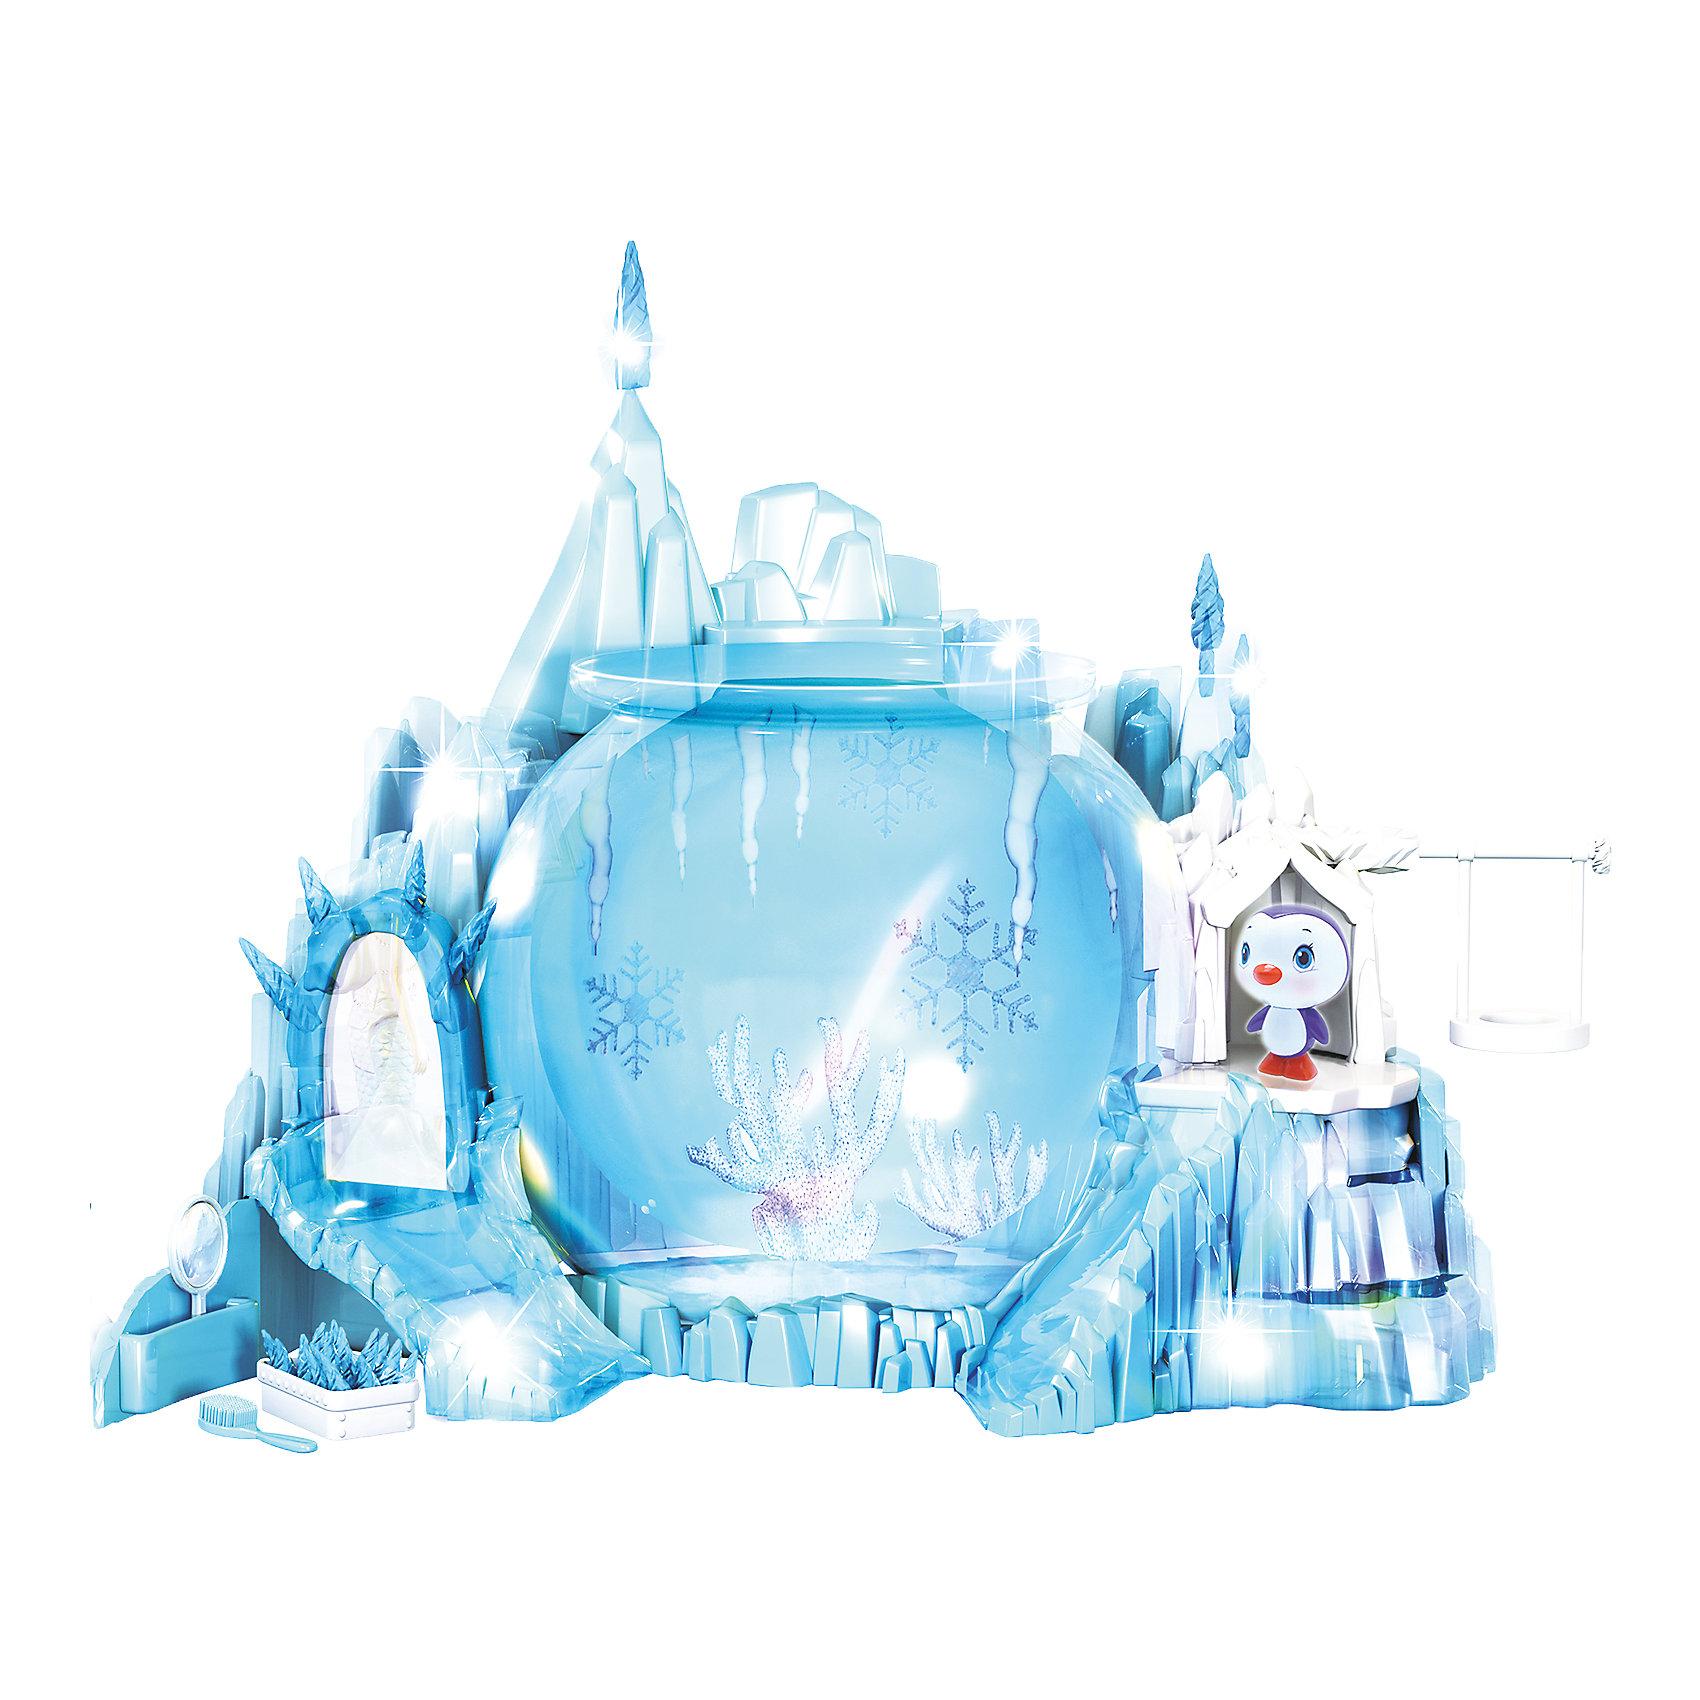 Набор Северное Сияние, Море чудесЛедяной замок морской принцессы светится и переливается разными цветами. <br>Замок в виде большого прозрачного айсберга, внутри него есть трон с  зеркалом и ступенями, качели,  ледяная  горка. Наполни аквариум водой и смотри как весело купается Русалочка, делая сальто, ныряя и кружась. Цвет хвоста морской принцессы меняется при погружении в холодную воду. Под троном, за дверцей есть тайник, о котором знаешь только ты и твоя морская подружка! <br><br>Дополнительная информация:<br><br>- Комплектация: ледяной замок с разноцветной светодиодной подсветкой,<br>Русалочка, аквариум, пингвин, качели, зеркало, расческа, ожерелье, игрушечные бриллианты, стикеры для аквариума.<br>- Размер упаковки: 40 х 30 х 24 см.<br>- Объем аквариума: 5 л.<br>- Материал: пластик.<br>- Хвост русалочки меняет цвет.<br>- Элемент питания: 1 батарейка ААА и 3 батарейки АА (в комплект не входят).<br><br>Набор Северное Сияние, Море чудес, можно купить в нашем магазине.<br><br>Ширина мм: 400<br>Глубина мм: 290<br>Высота мм: 230<br>Вес г: 1997<br>Возраст от месяцев: 36<br>Возраст до месяцев: 72<br>Пол: Женский<br>Возраст: Детский<br>SKU: 4252051